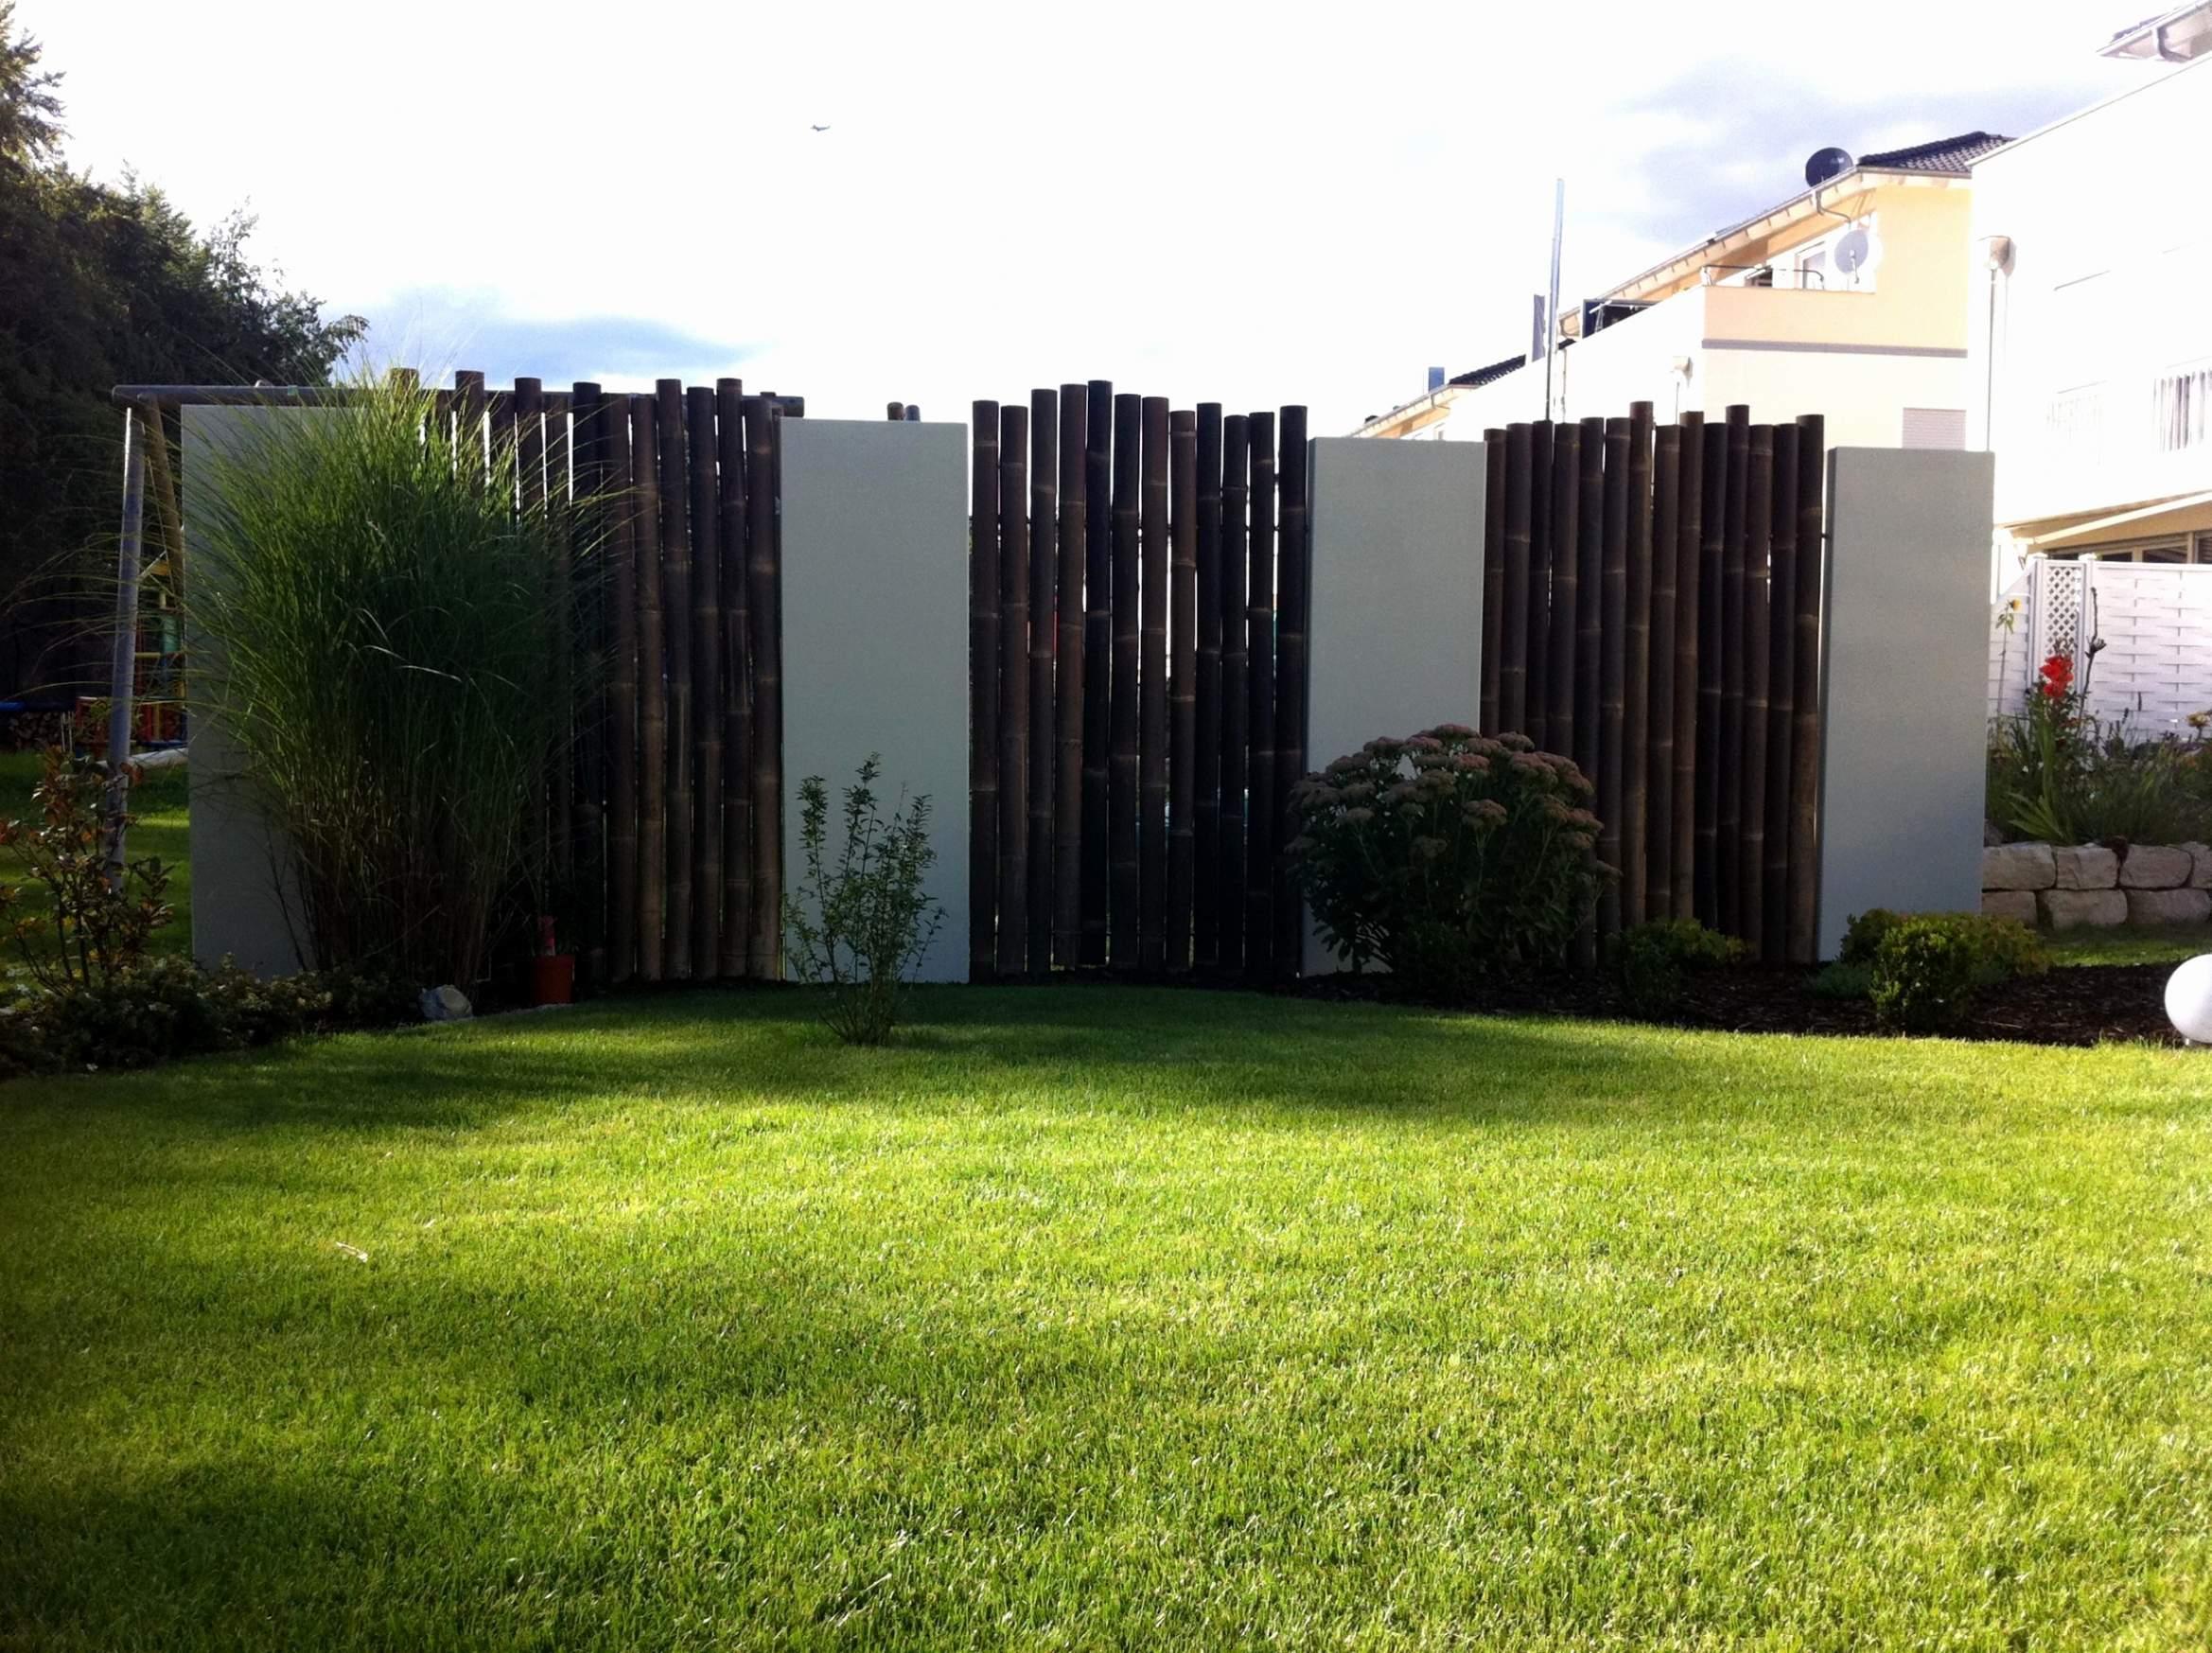 moderner sichtschutz im garten genial sichtschutz pflanzen terrasse temobardz home blog of moderner sichtschutz im garten